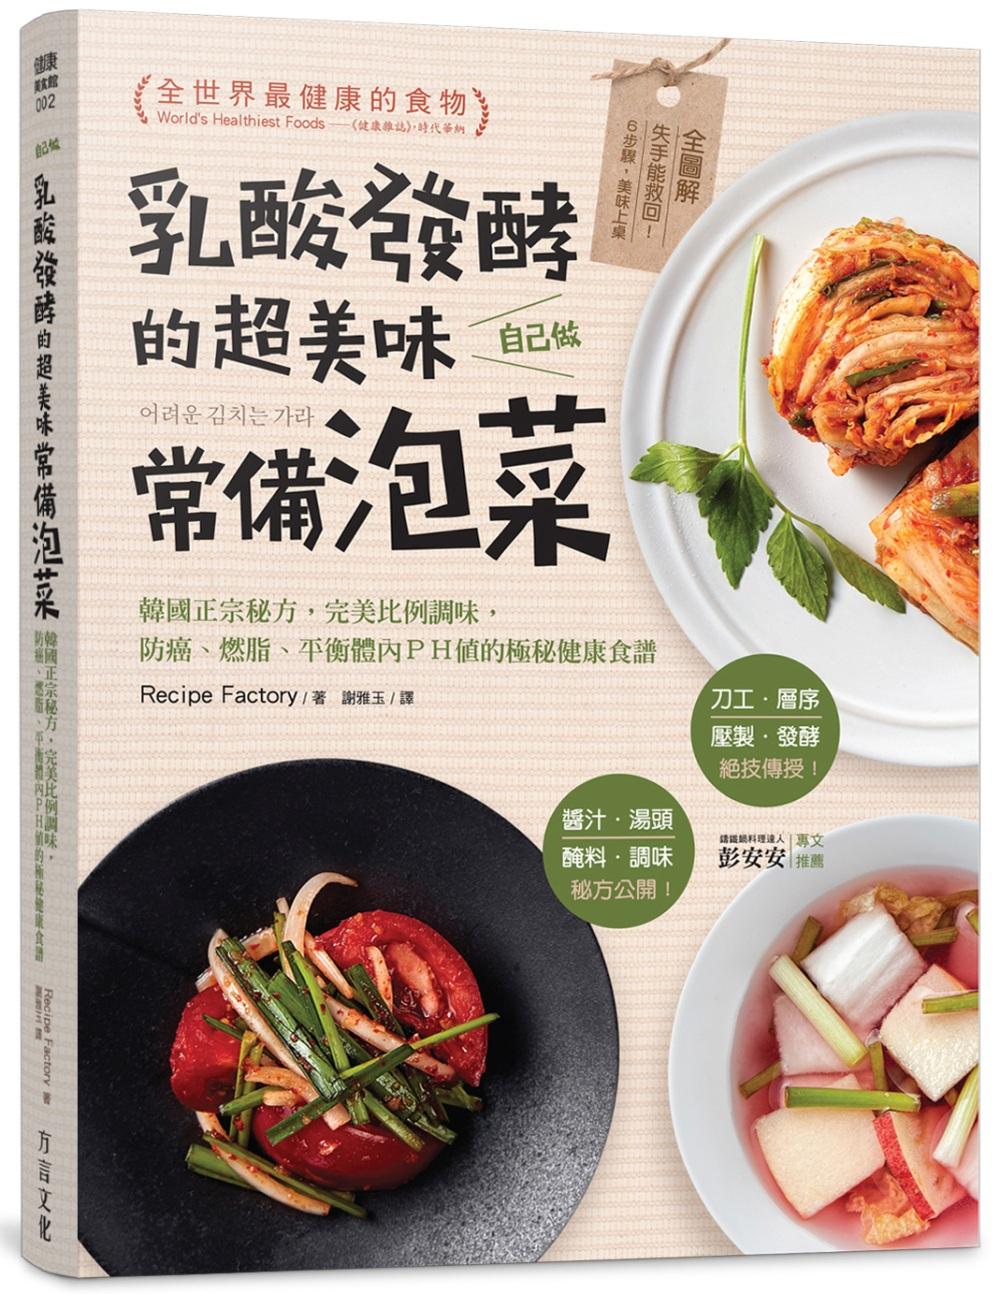 乳酸發酵的超美味常備泡菜,自己做:韓國正宗秘方,完美比例調味,防癌、燃脂、平衡體內PH值的極秘健康食譜